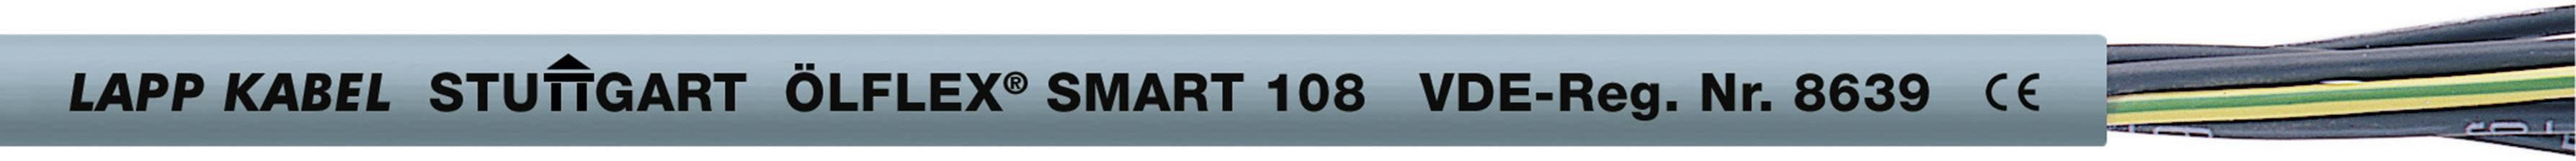 Kabel LappKabel Ölflex SMART 108 2X2,5 1000M DR (19520099), 7,5 mm, 500 V, šedá, 1000 m